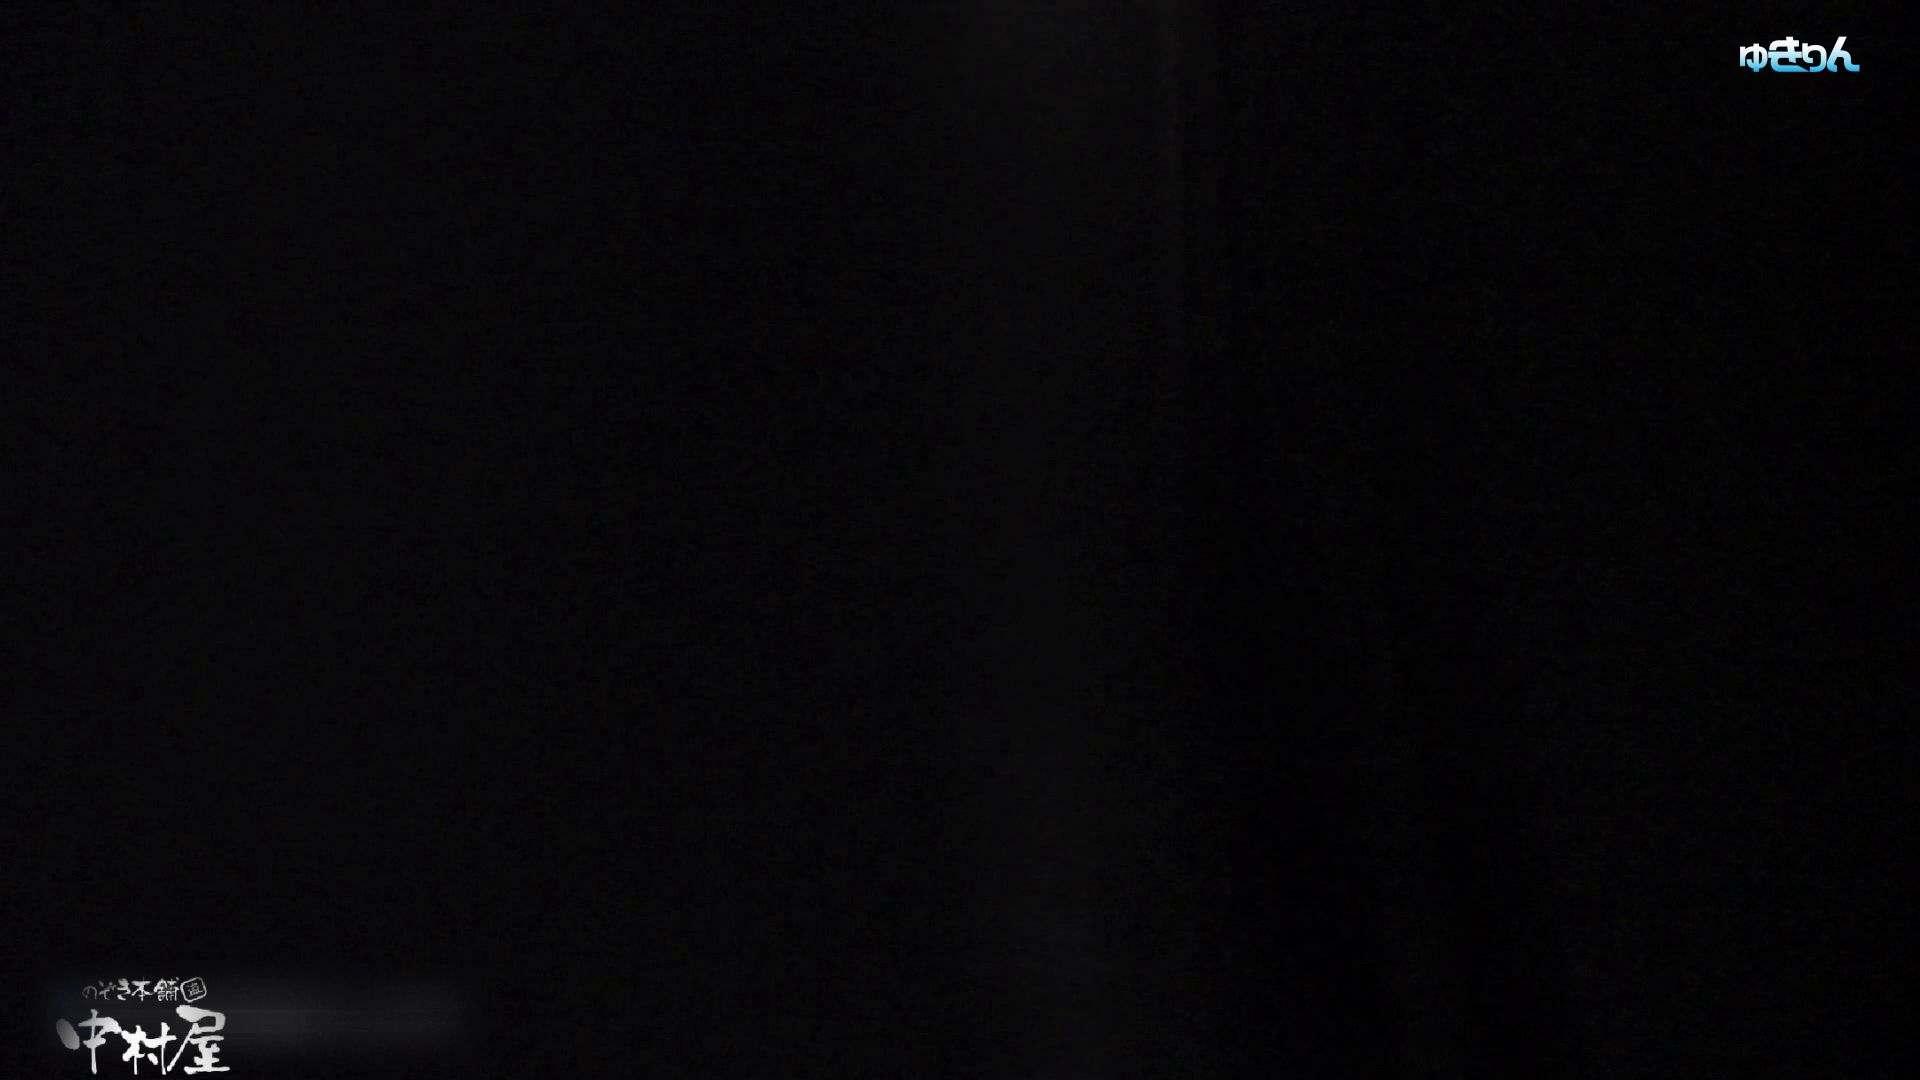 世界の射窓から~ステーション編 vol61 レベルアップ!!画質アップ、再発進 OLハメ撮り  77Pix 54